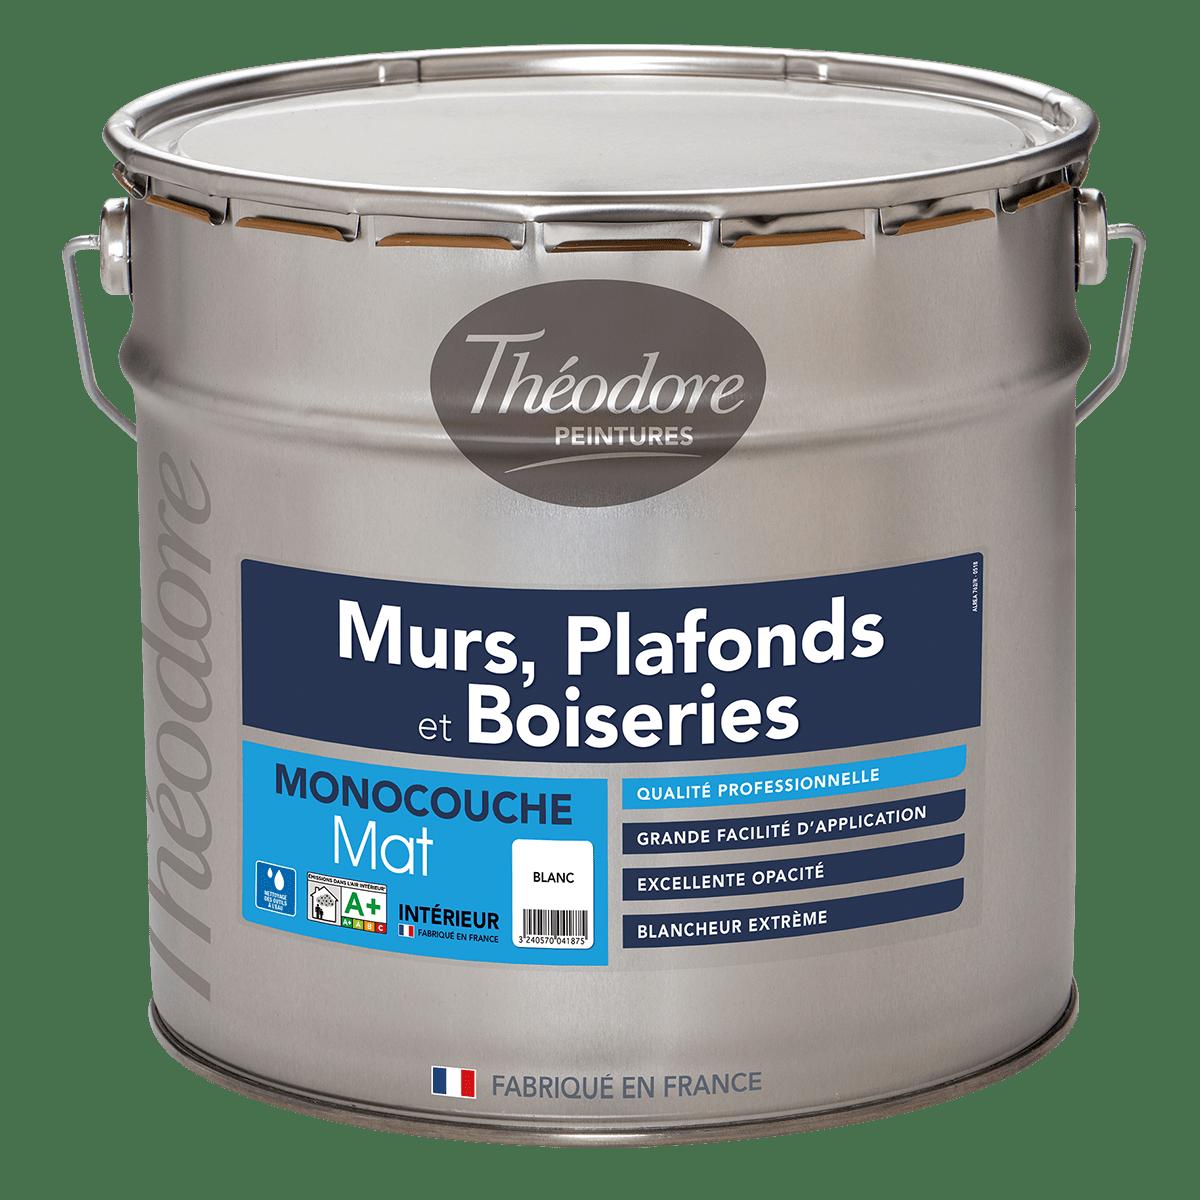 MURS, PLAFONDS ET BOISERIES MAT MONOCOUCHE